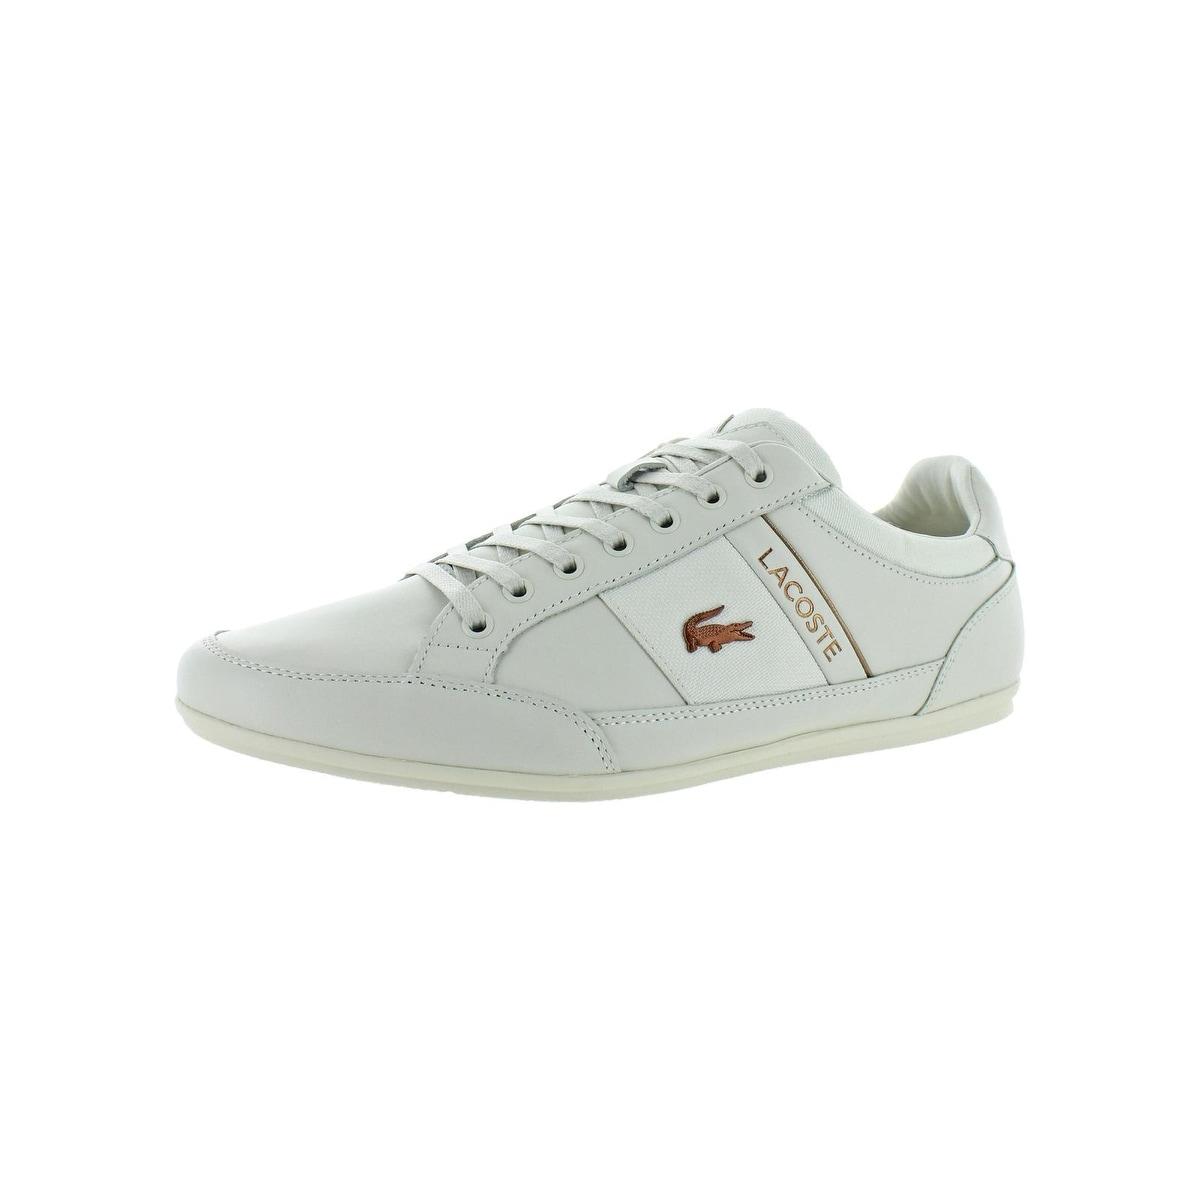 f295d657c Buy Lacoste Men s Sneakers Online at Overstock